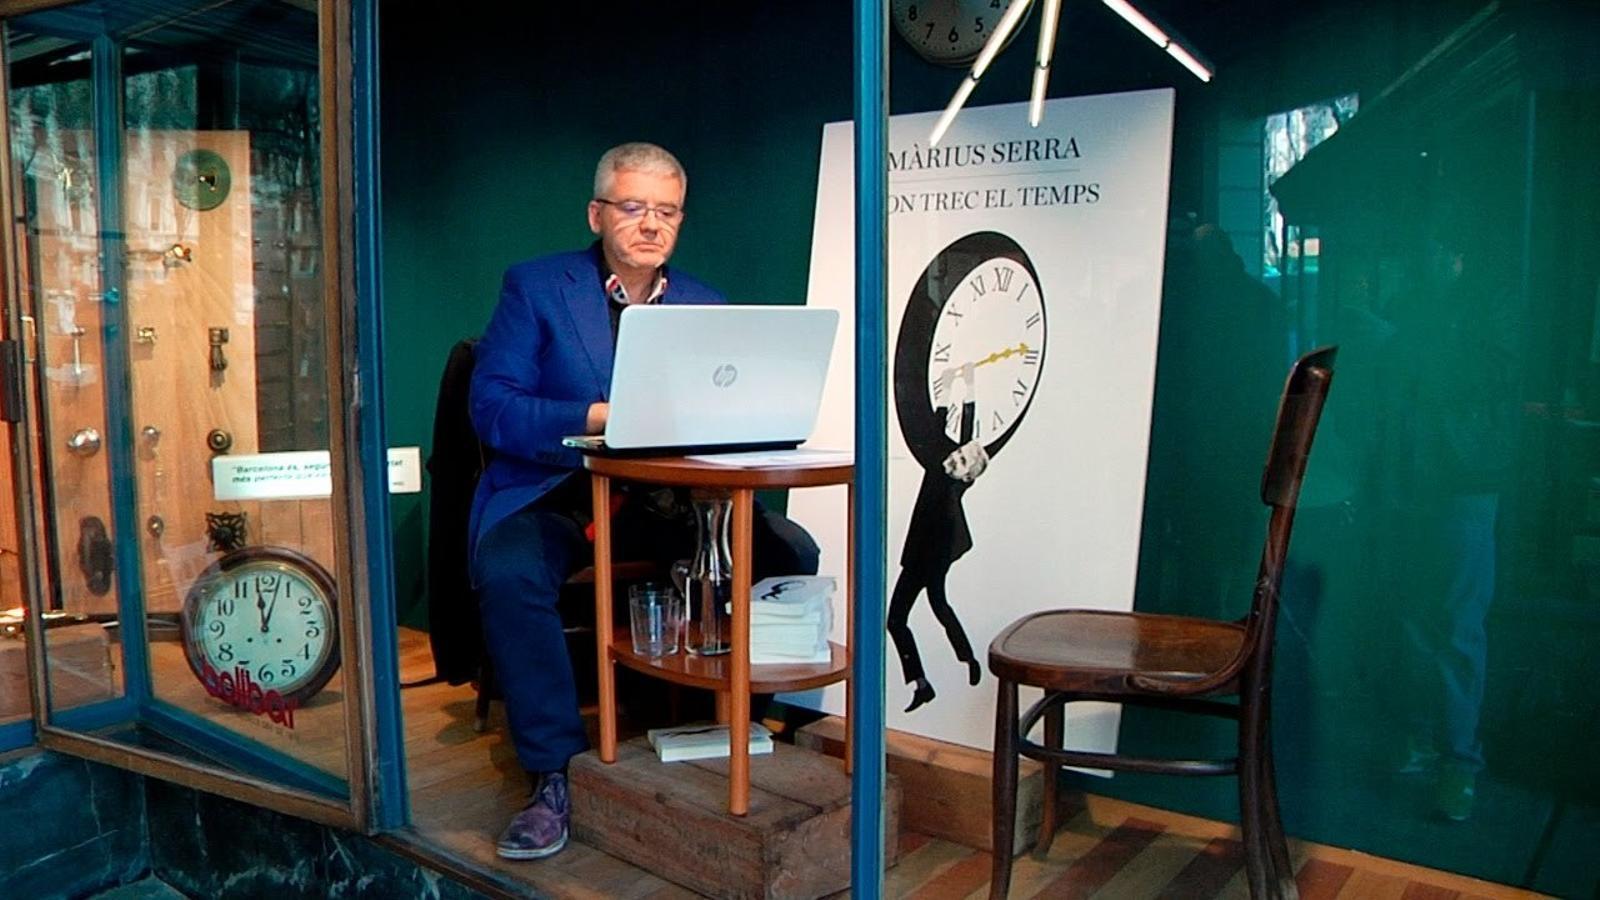 """Màrius Serra: """"Cada matí, quan em llevo, tinc la meva lluita amb el temps"""""""